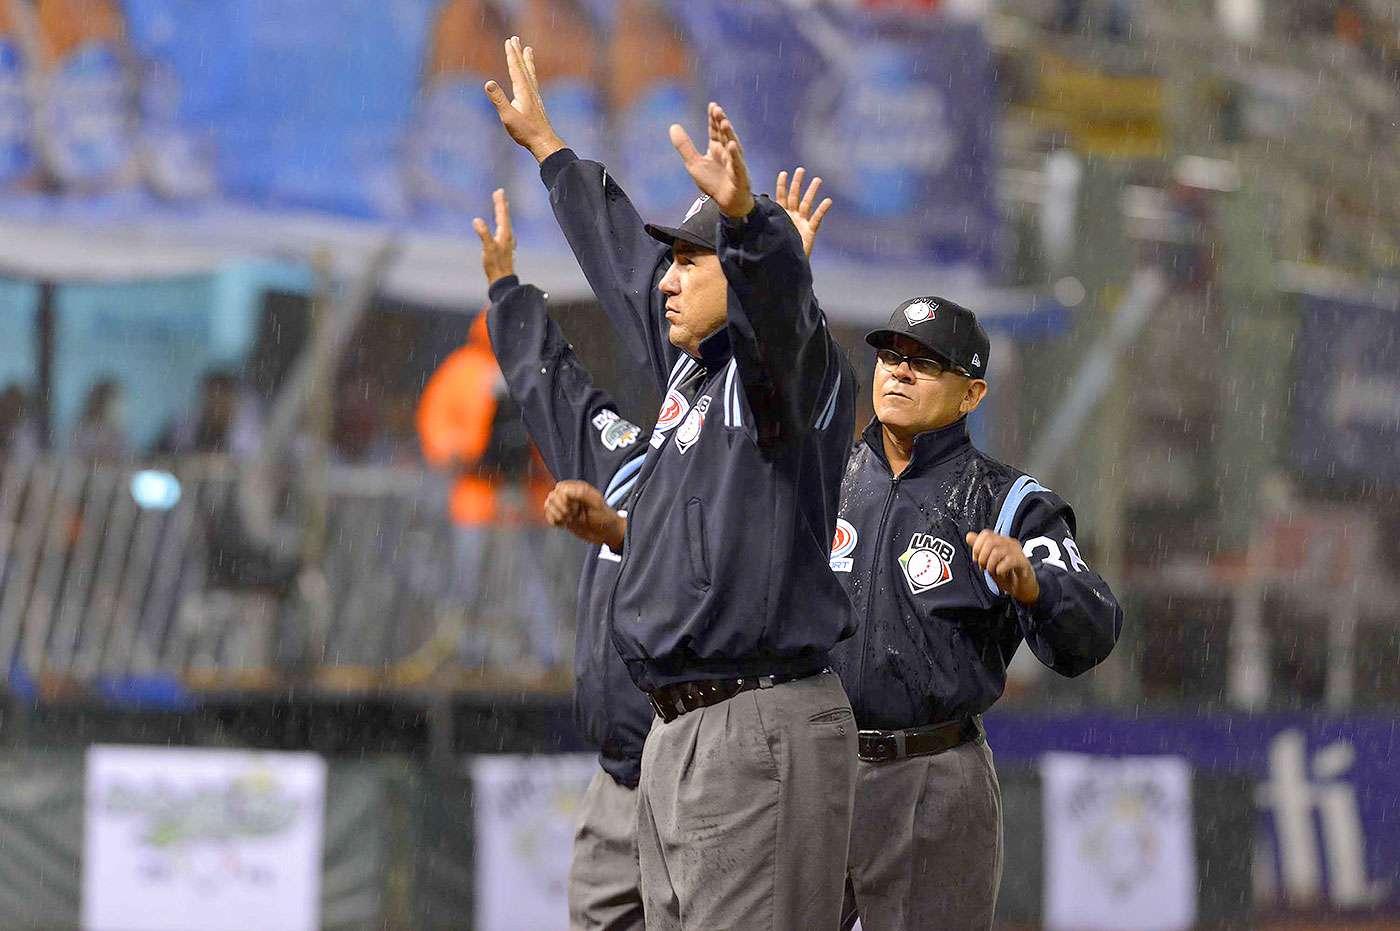 Los Pericos tomaron ventaja en un wild pitch de Marlon Arias que permitió a Sandy Madera cruzar la registradora. El partido se detuvo en la parte alta de la segunda entrada, misma en la que Puebla se puso al frente por 2-0 sobre el México. Foto: Diablos Rojos del México